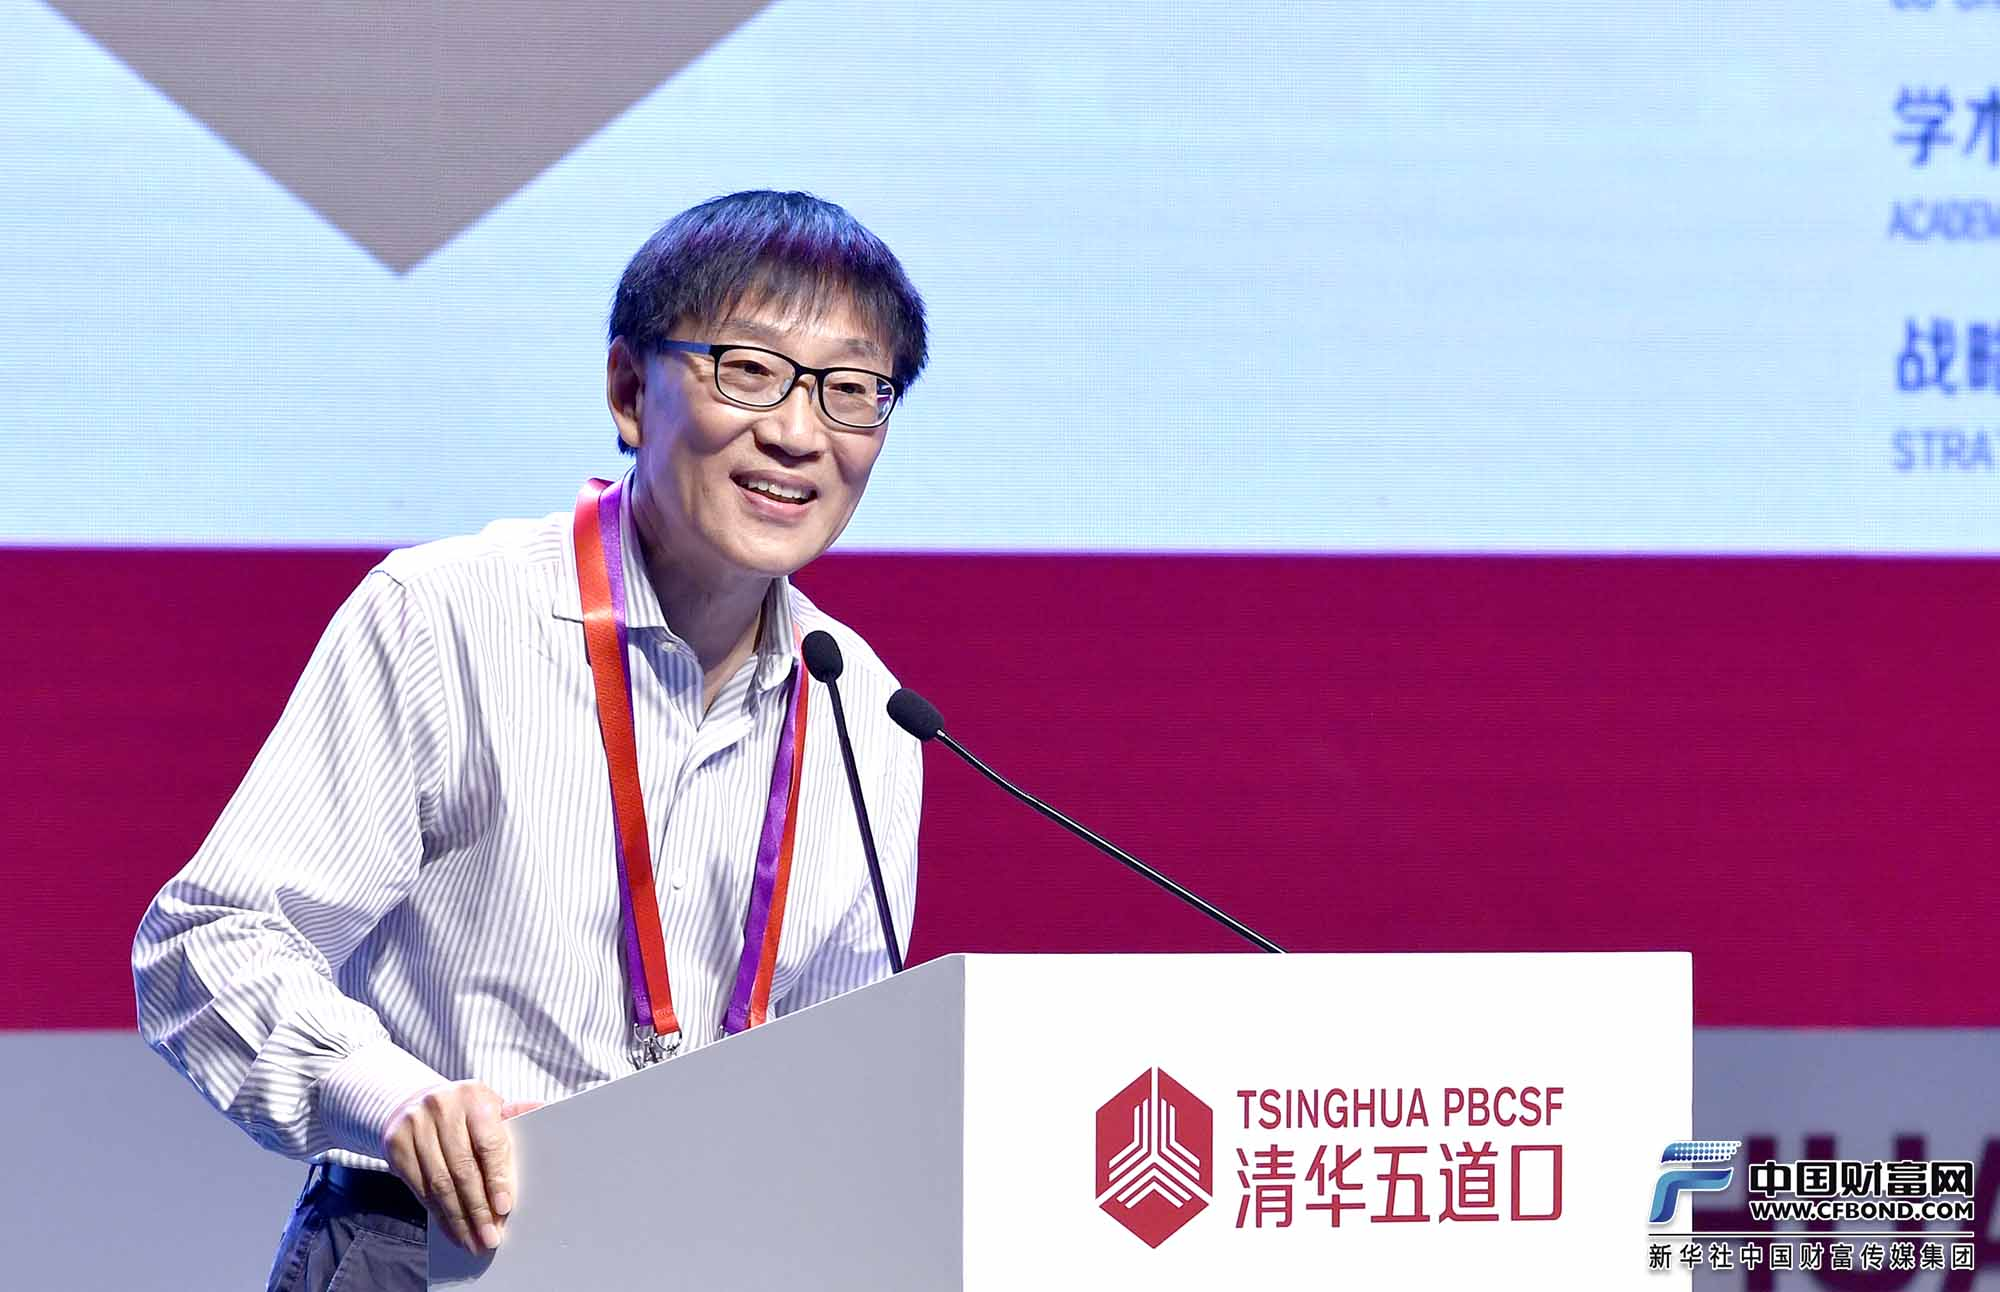 张维:技术对金融运营模式和创新产生很多思路工具